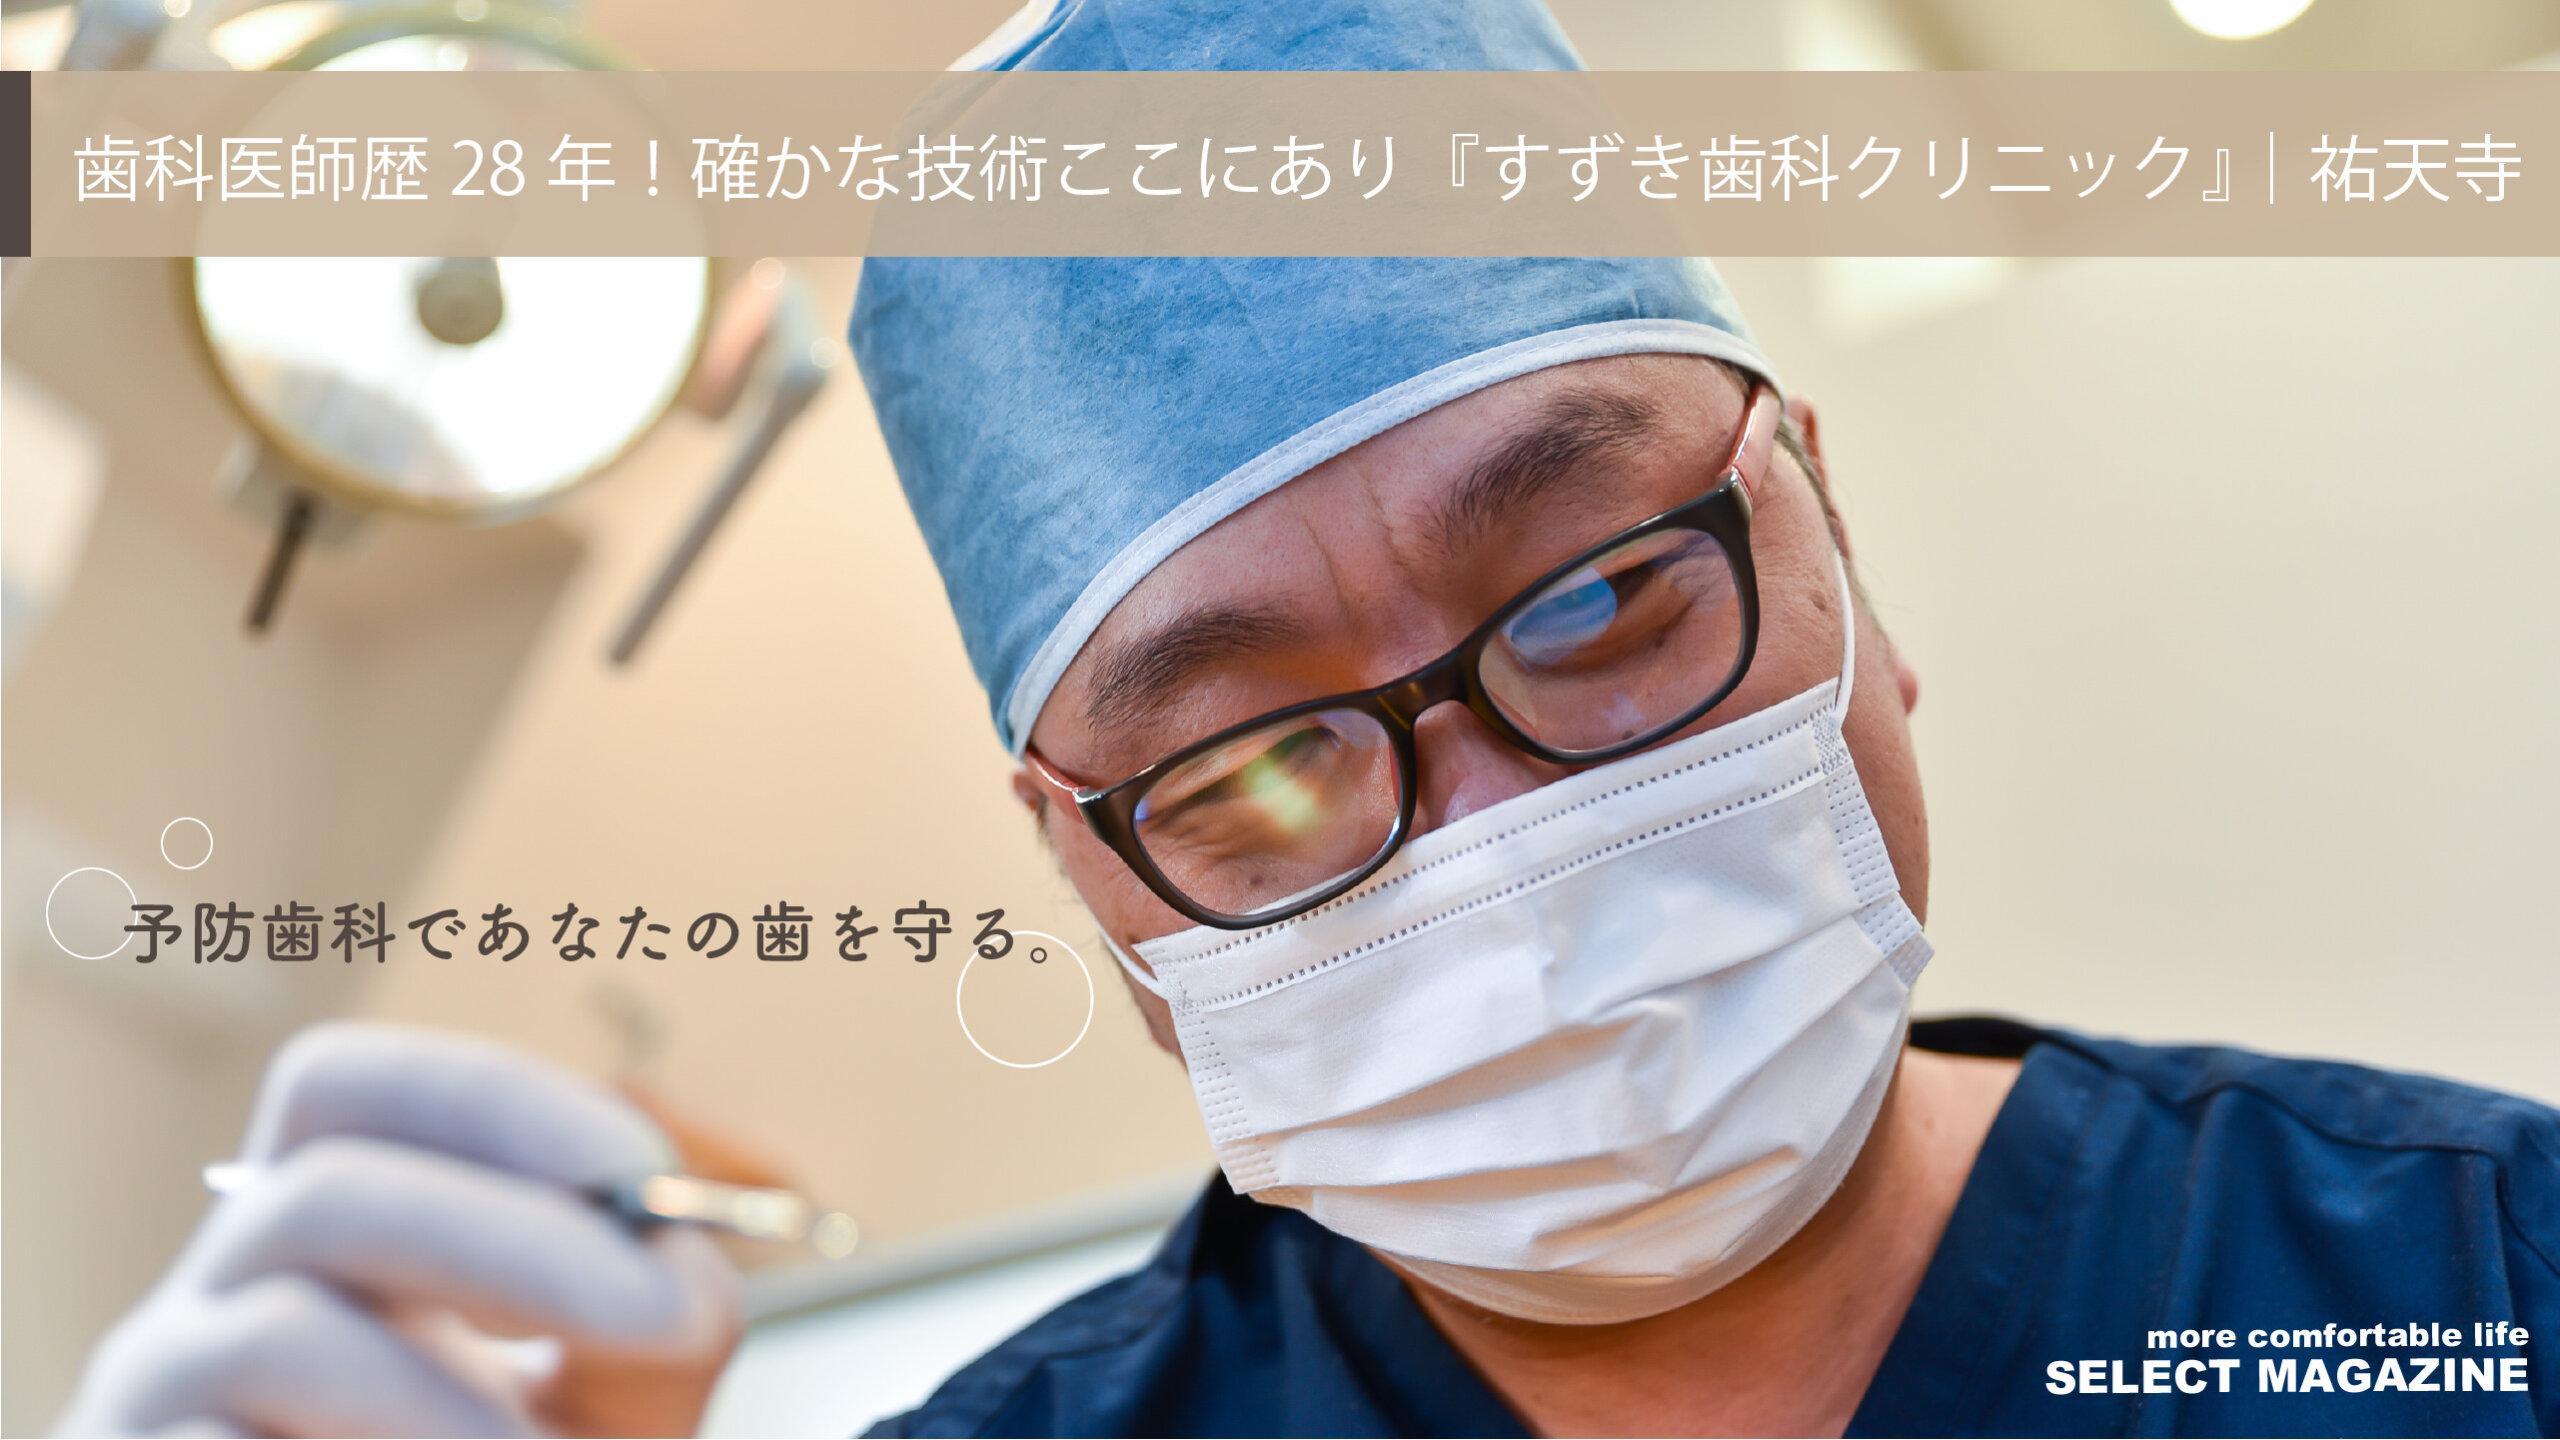 【予防歯科であなたの歯を守る】歯科医師歴28年!確かな技術ここにあり『すずき歯科クリニック』|祐天寺